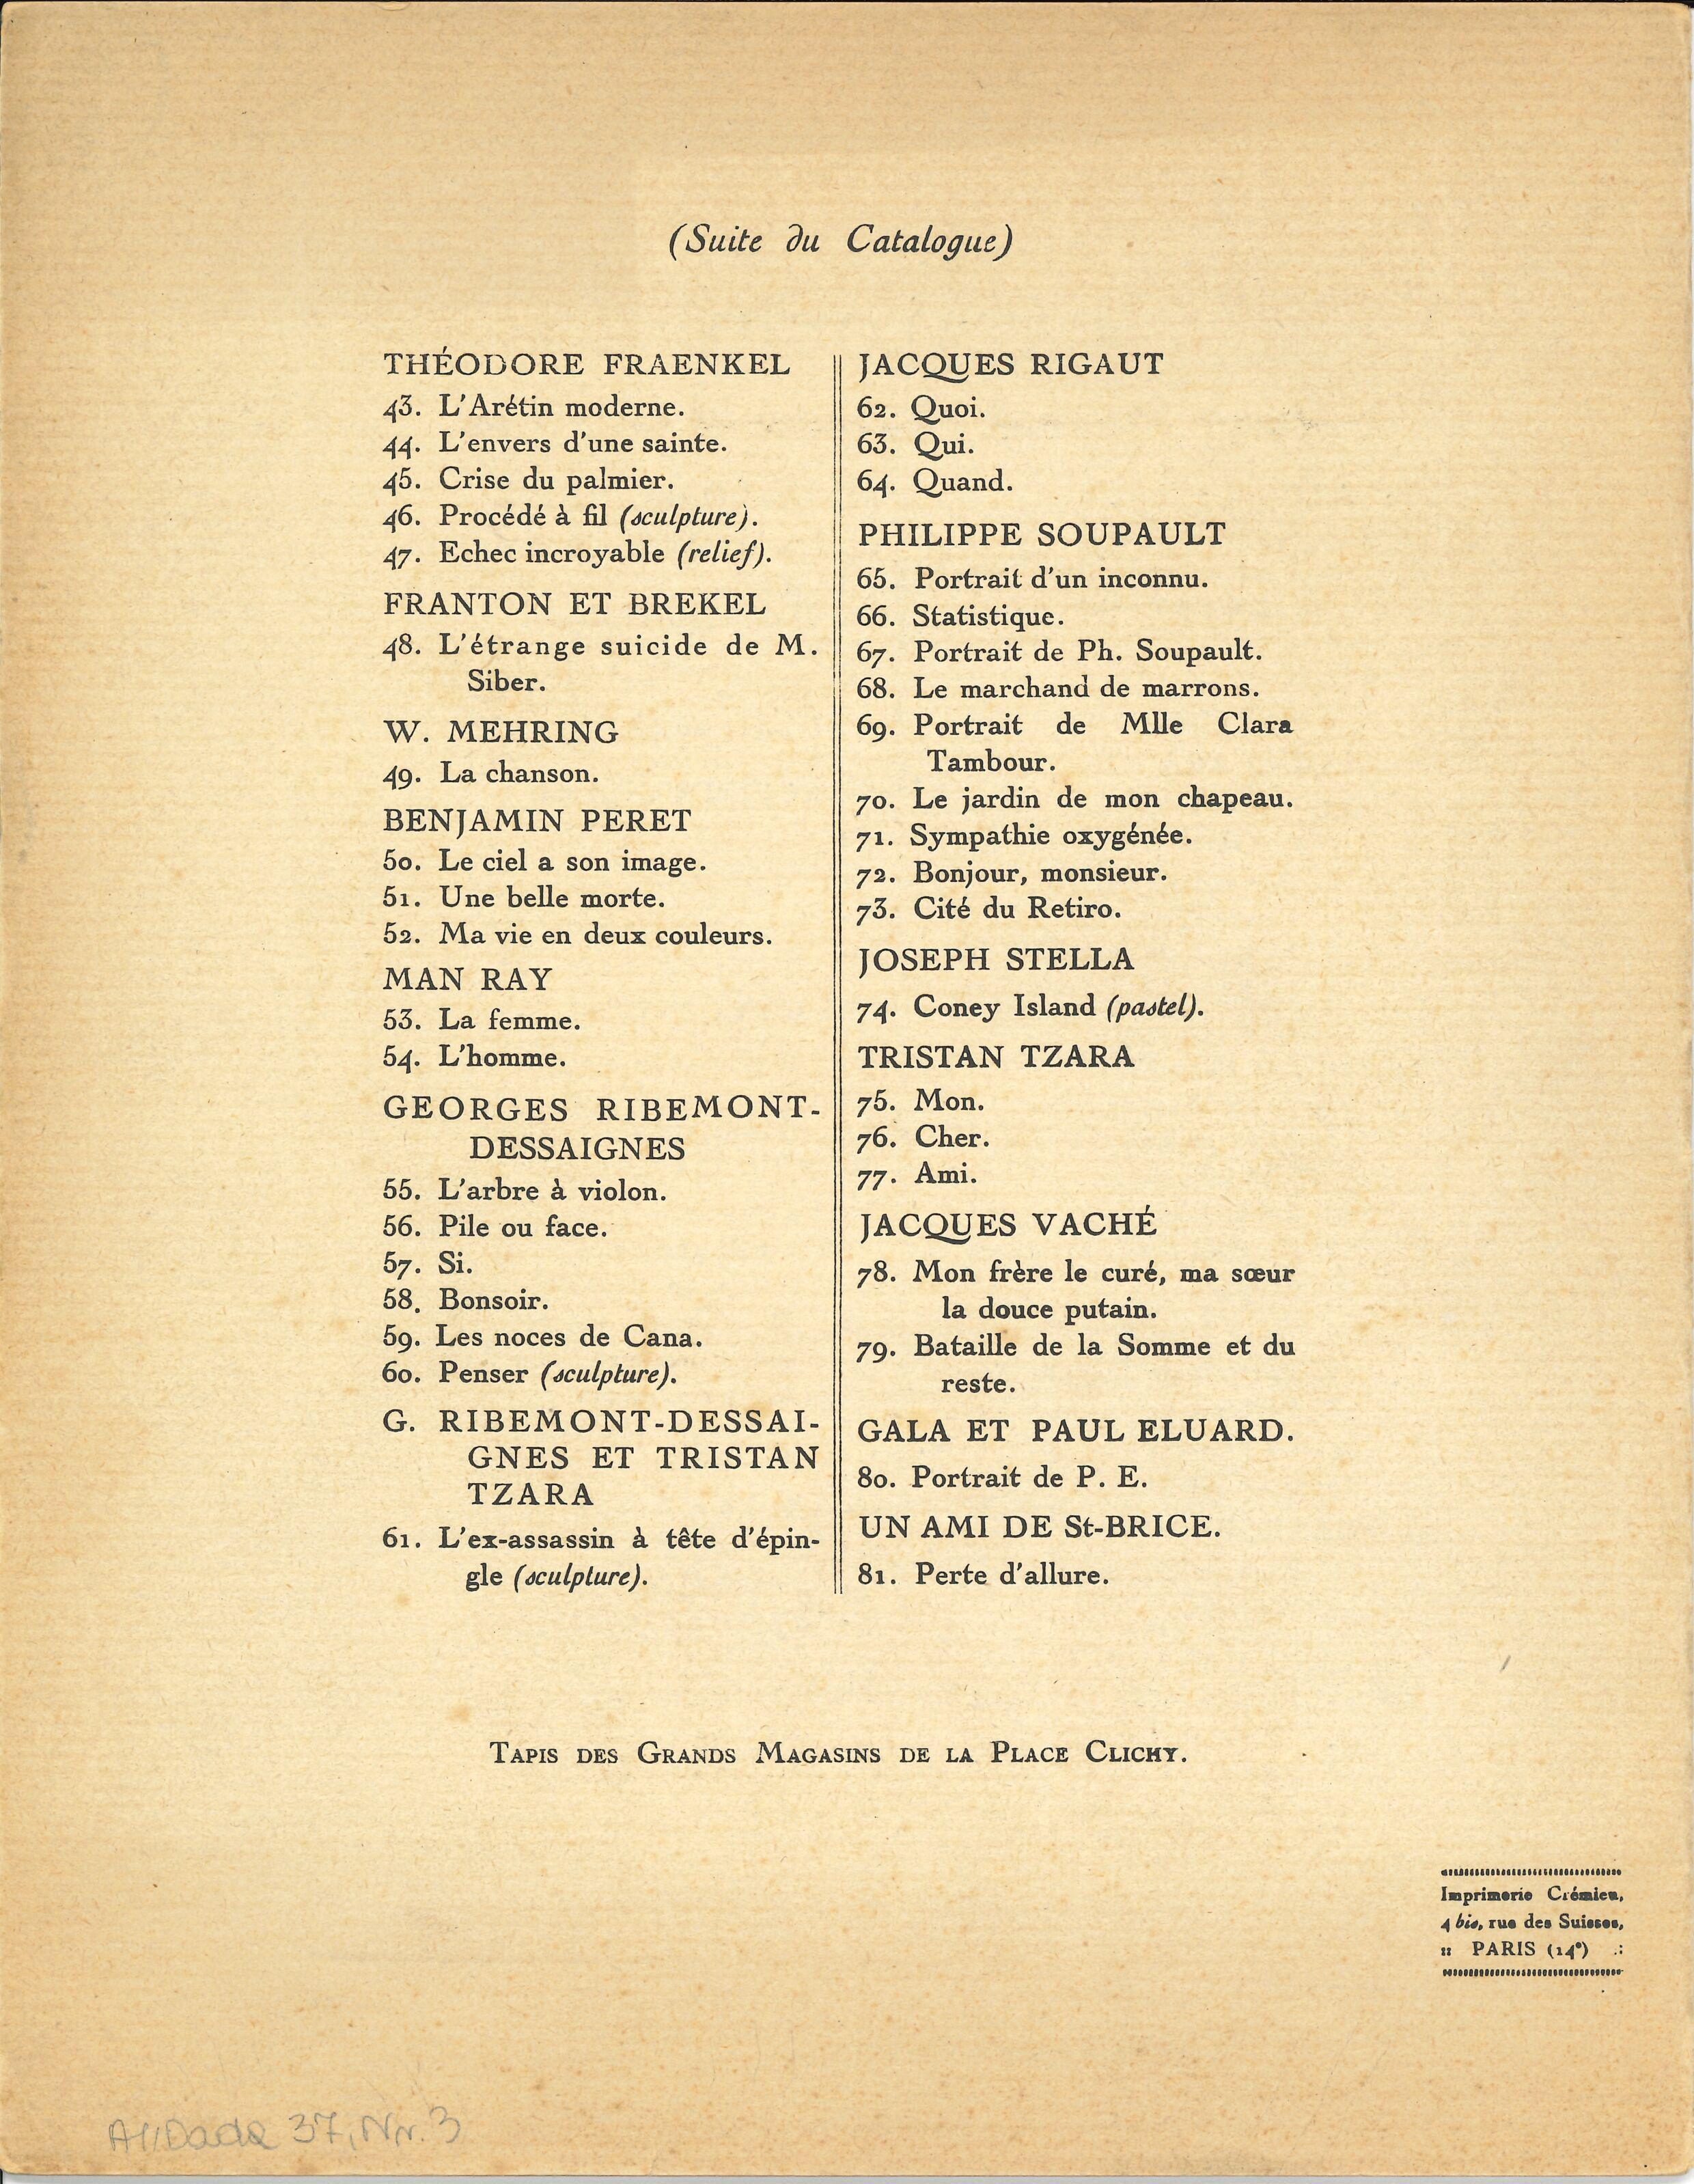 SALON DADA, Galerie Montaigne,  1921 (Announcement) Archiv der Avantgarden, Staatliche Kunstsammlungen Dresden